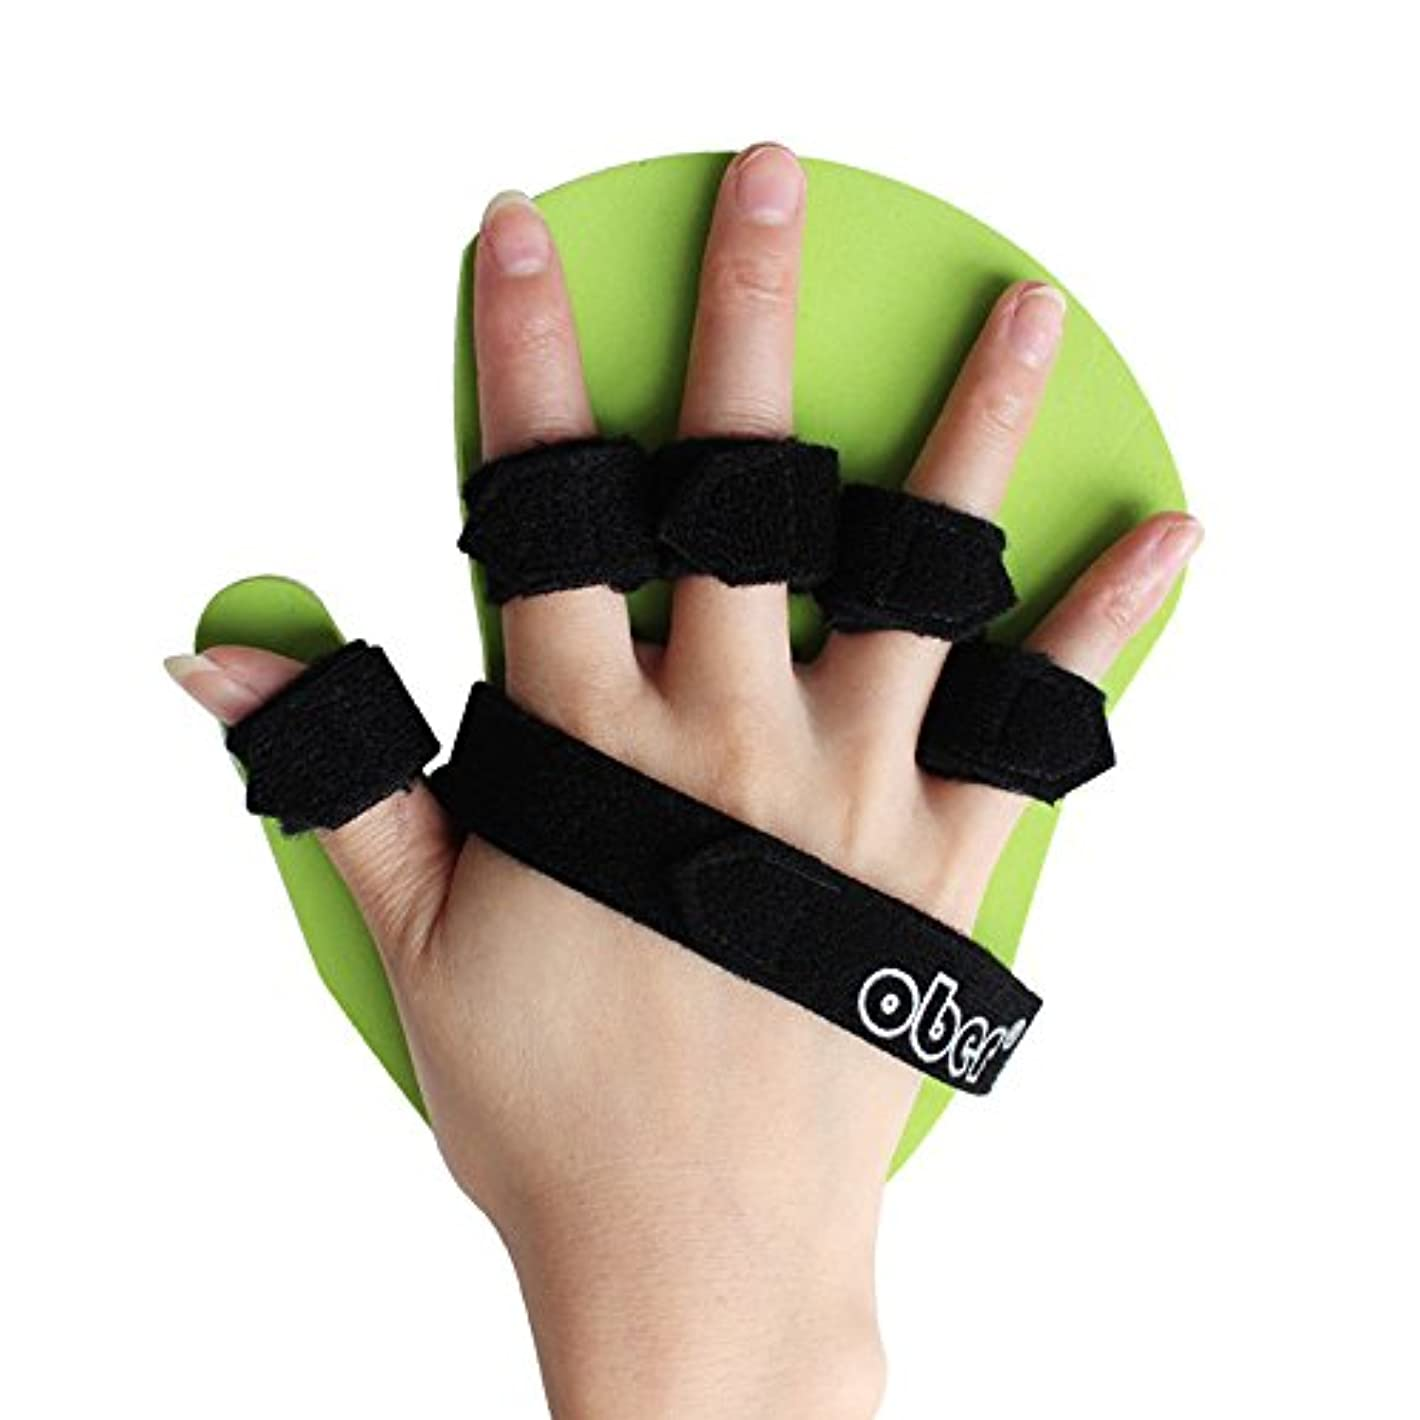 ロイヤリティ柔らかい潤滑するOBER 指用ストレッチボート 指を分離するための固定機材 指を伸ばすための矯正器 脳卒中麻痺リハビリストレッチボート (右手, M:14-17cm)